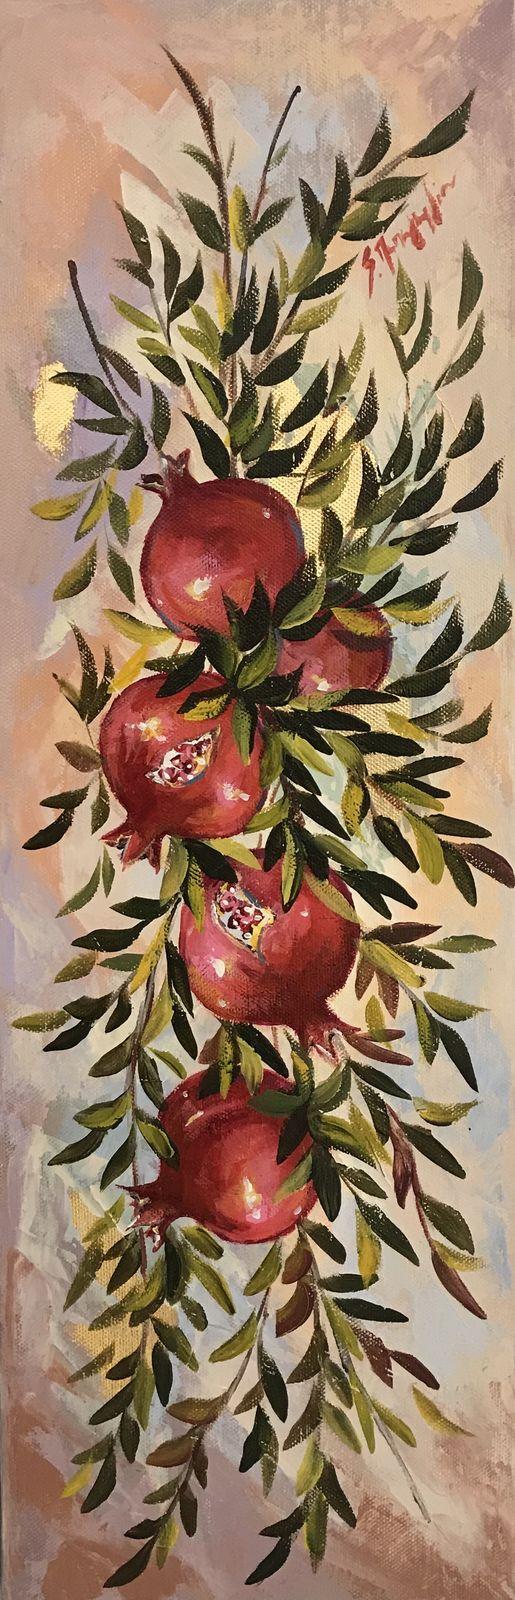 Σοφία Παπαγεωργίου 20×60 εκ. Λάδια σε καμβά Sofia Papageorgiou 20×60 cm Oils on canvas